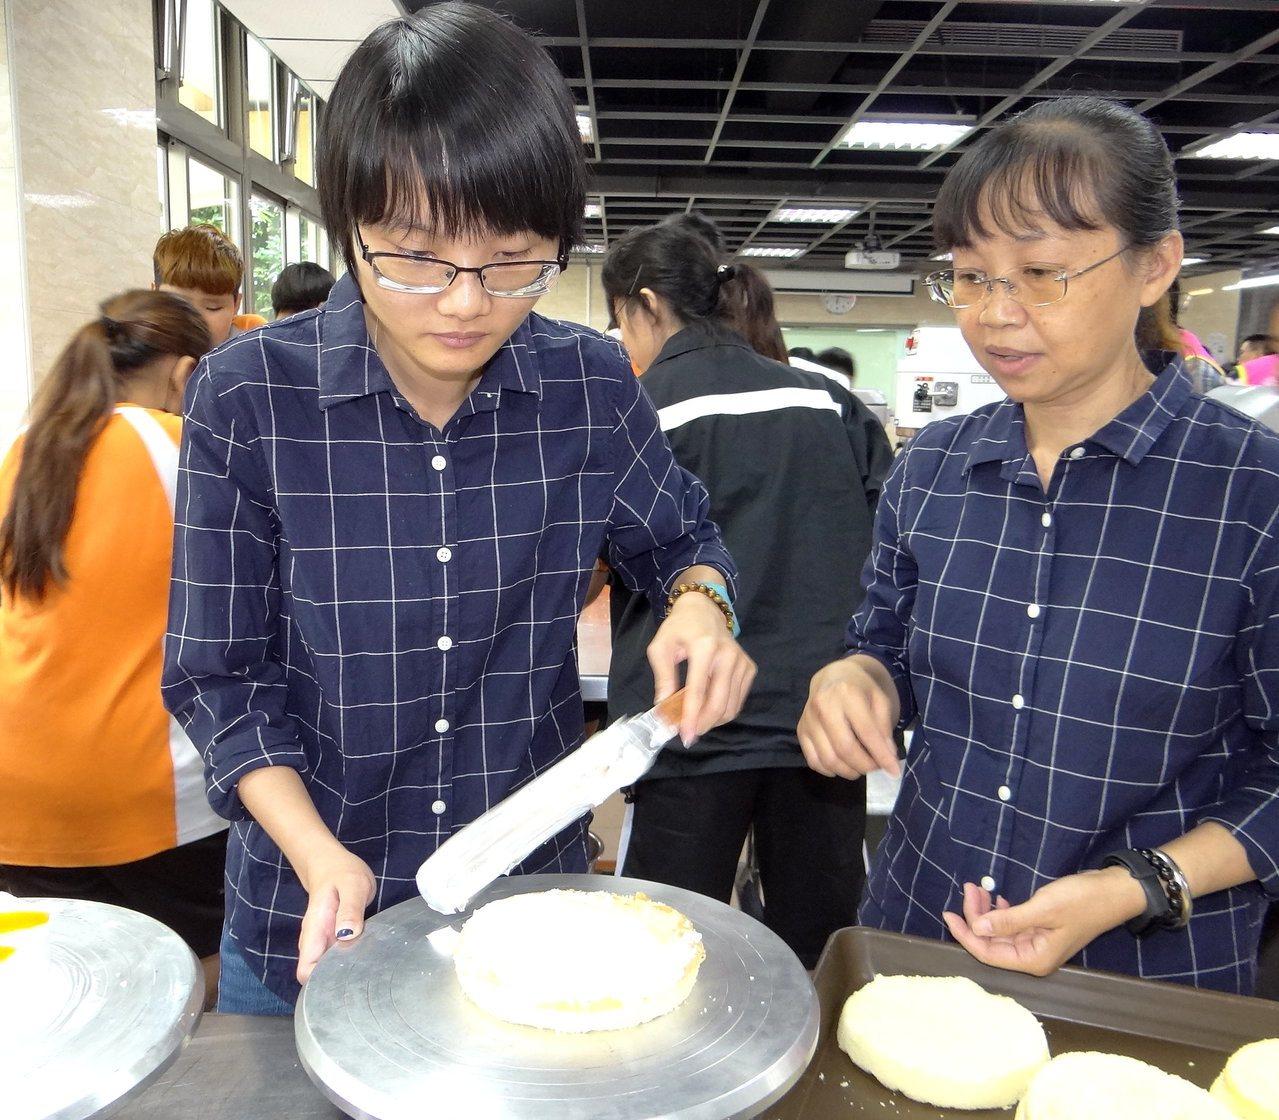 正修科大學生饒育寧(左)車禍痊癒後返回校園,媽媽(右)是她的重要支柱,兩人穿同樣...